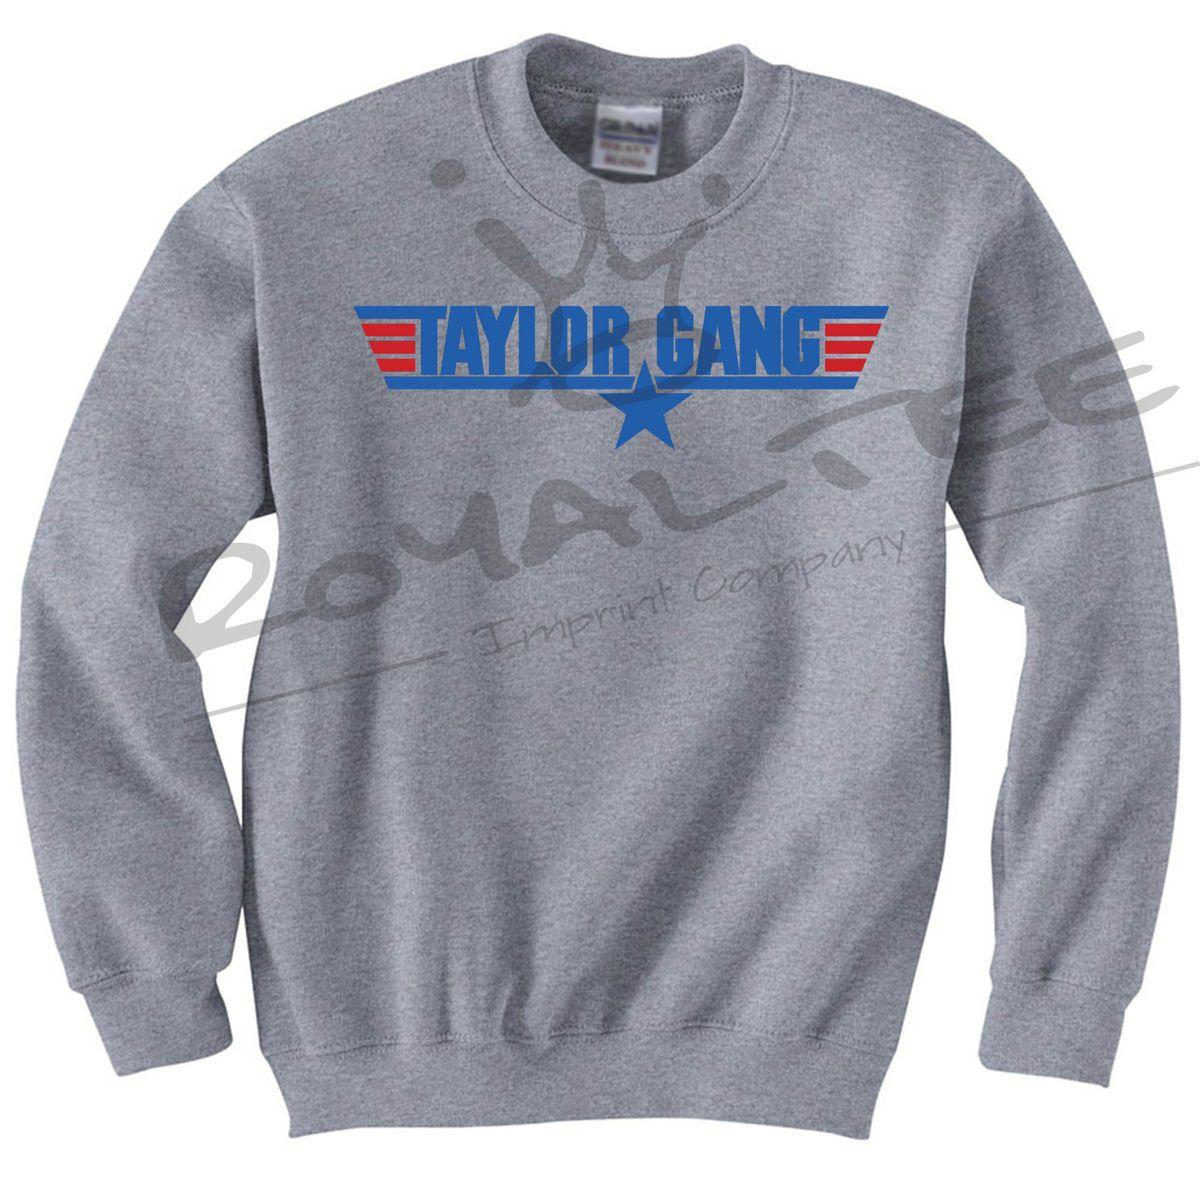 Taylor Gang Wiz Khalifa Crewneck Sweater Top 420 Rap Hip Hop Dubstep